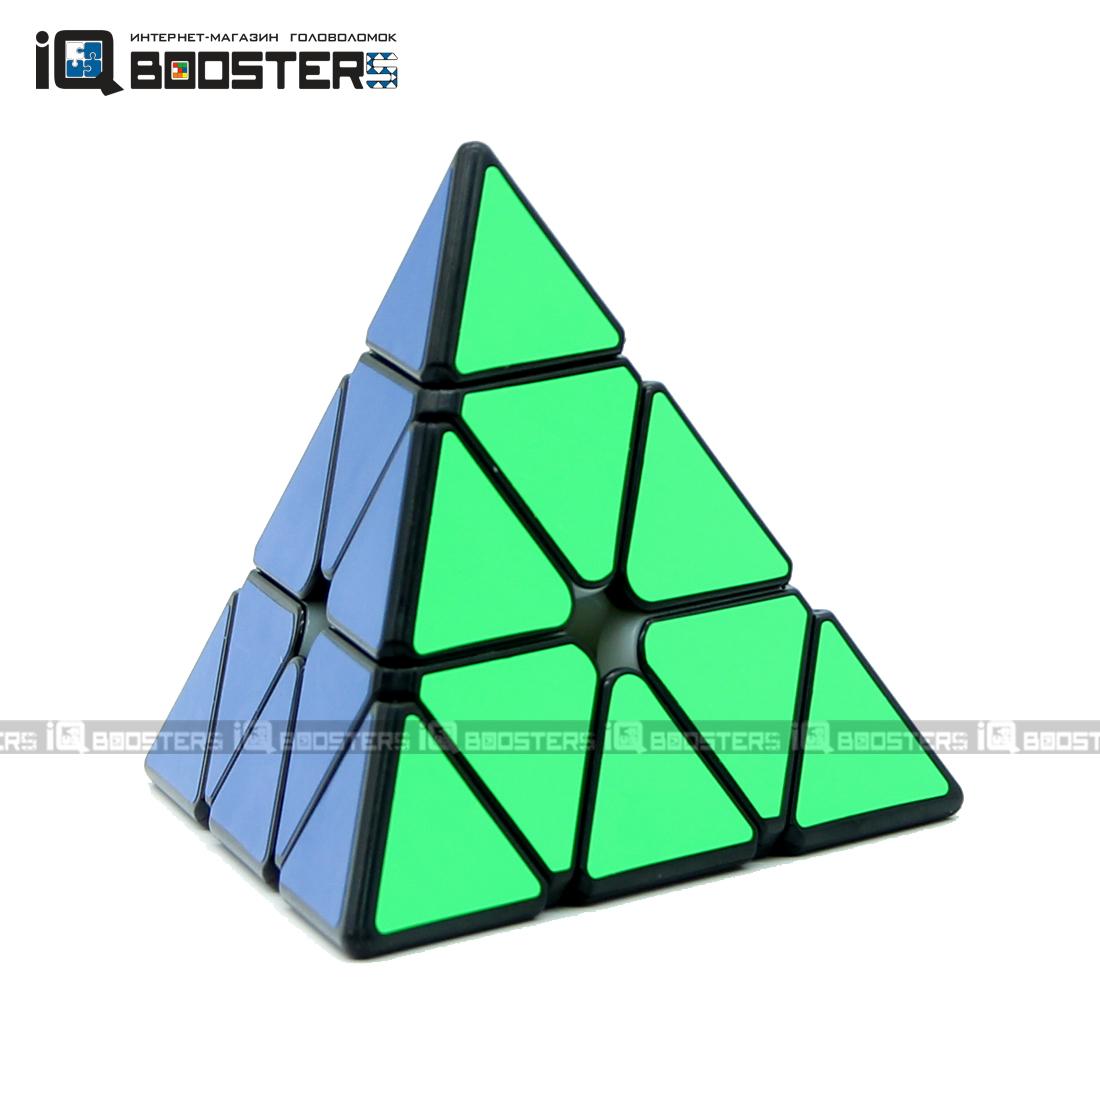 x-man_pyraminx_bell_v2_m_0263